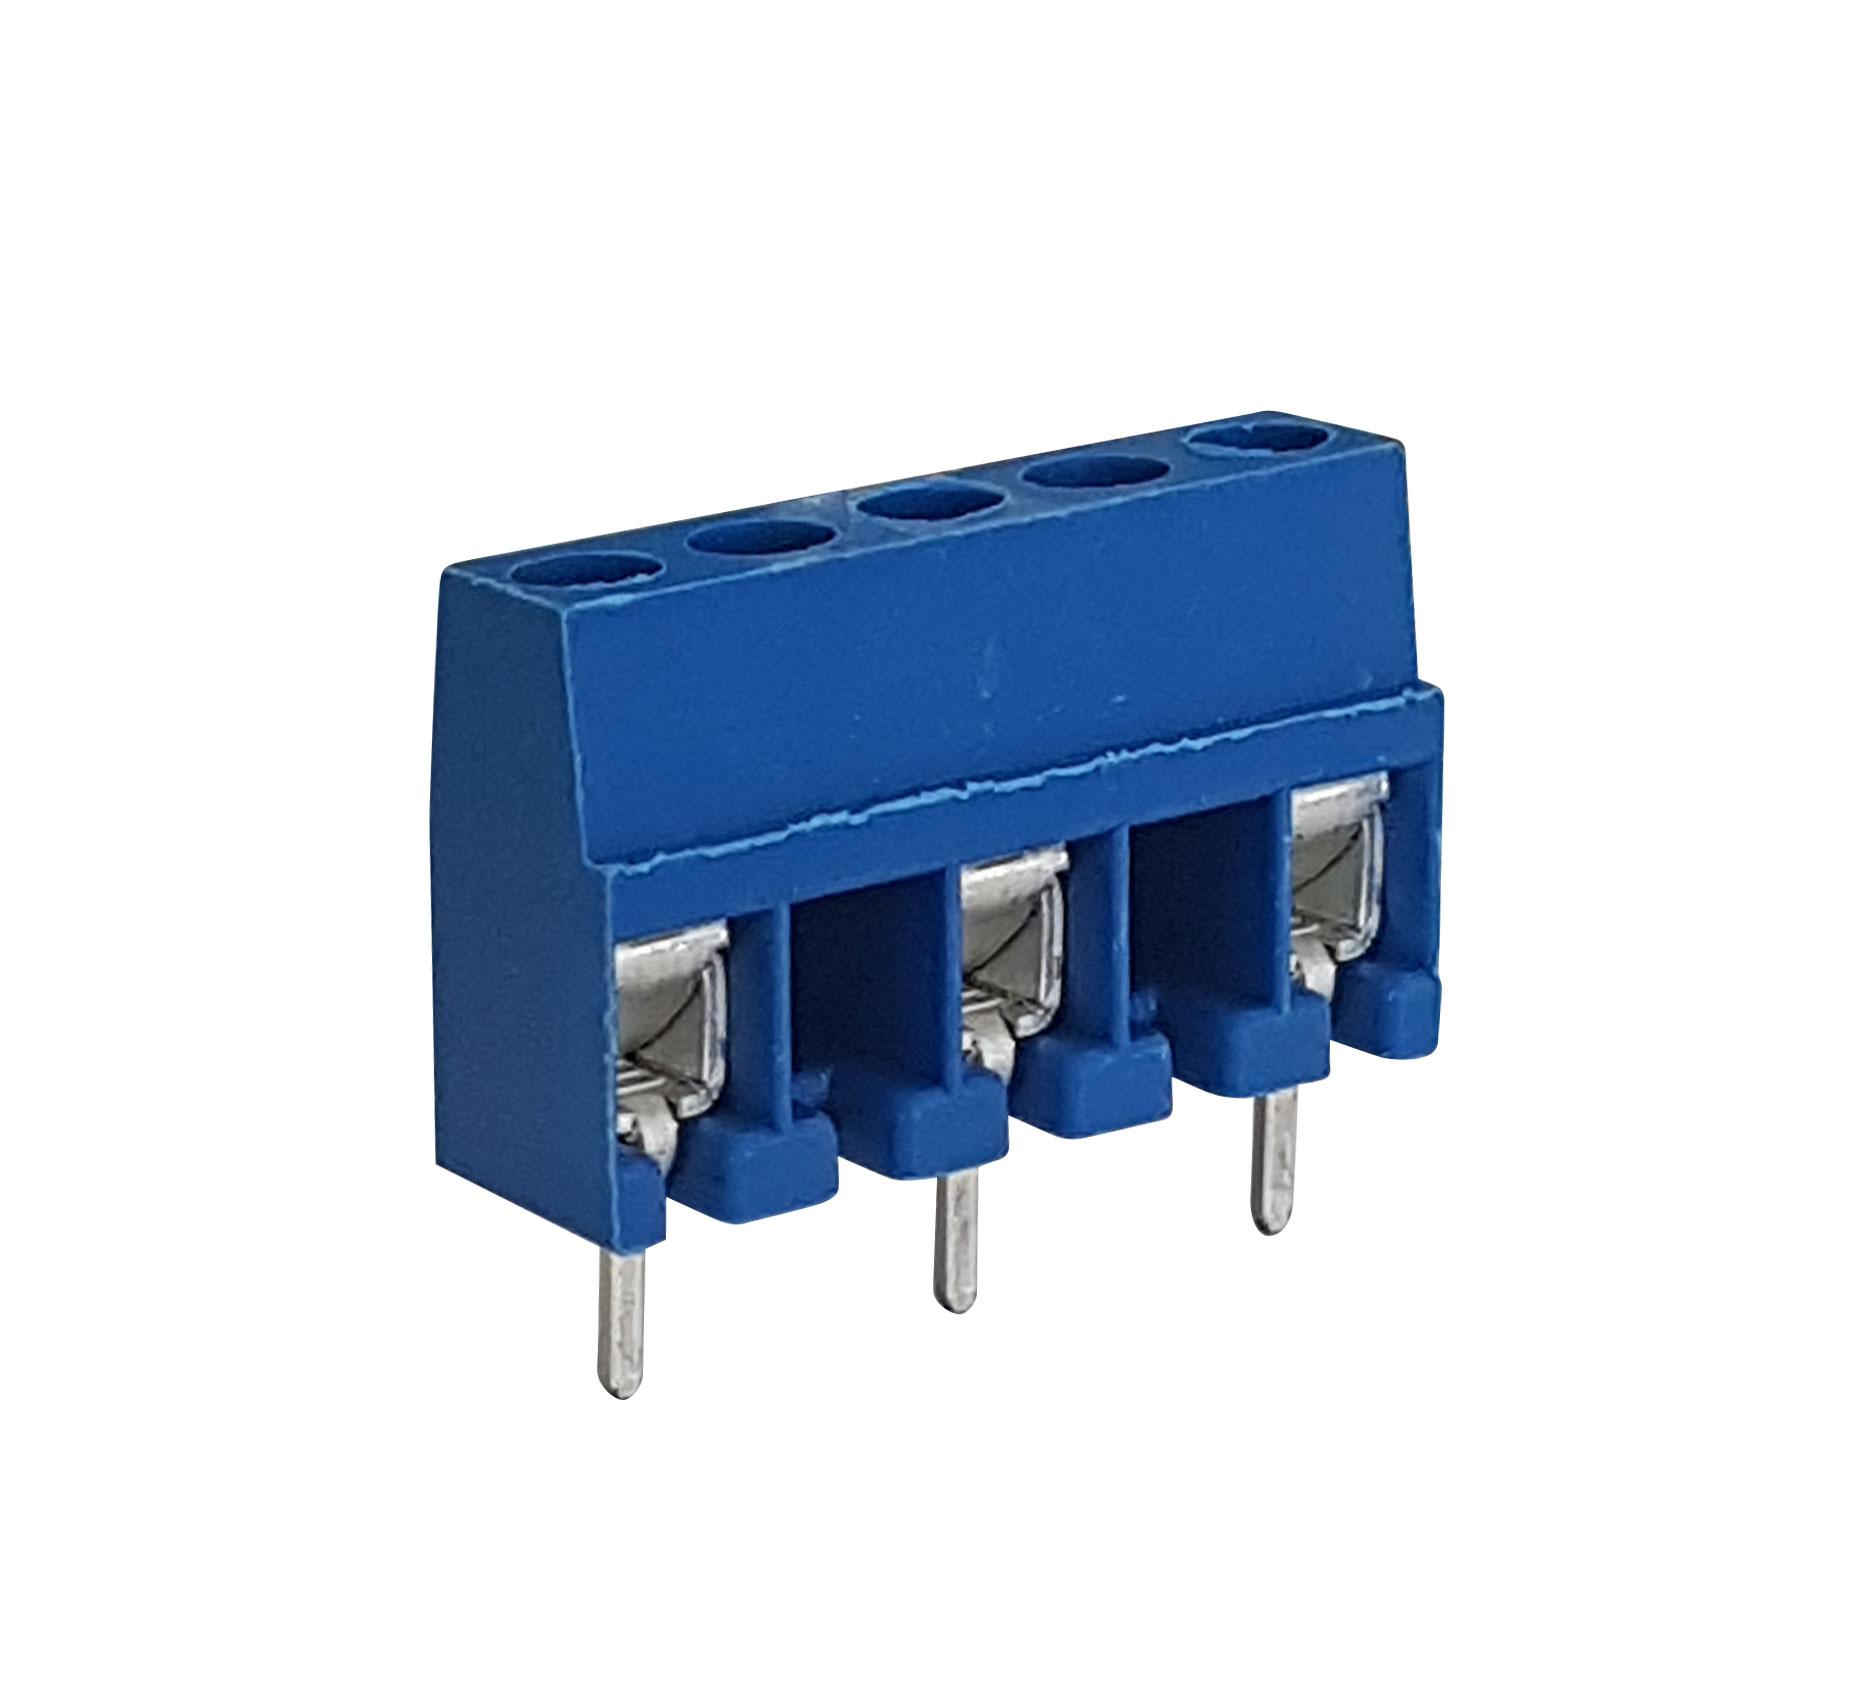 Morsettiera per circuito stampato 3 poli - Blu 91559